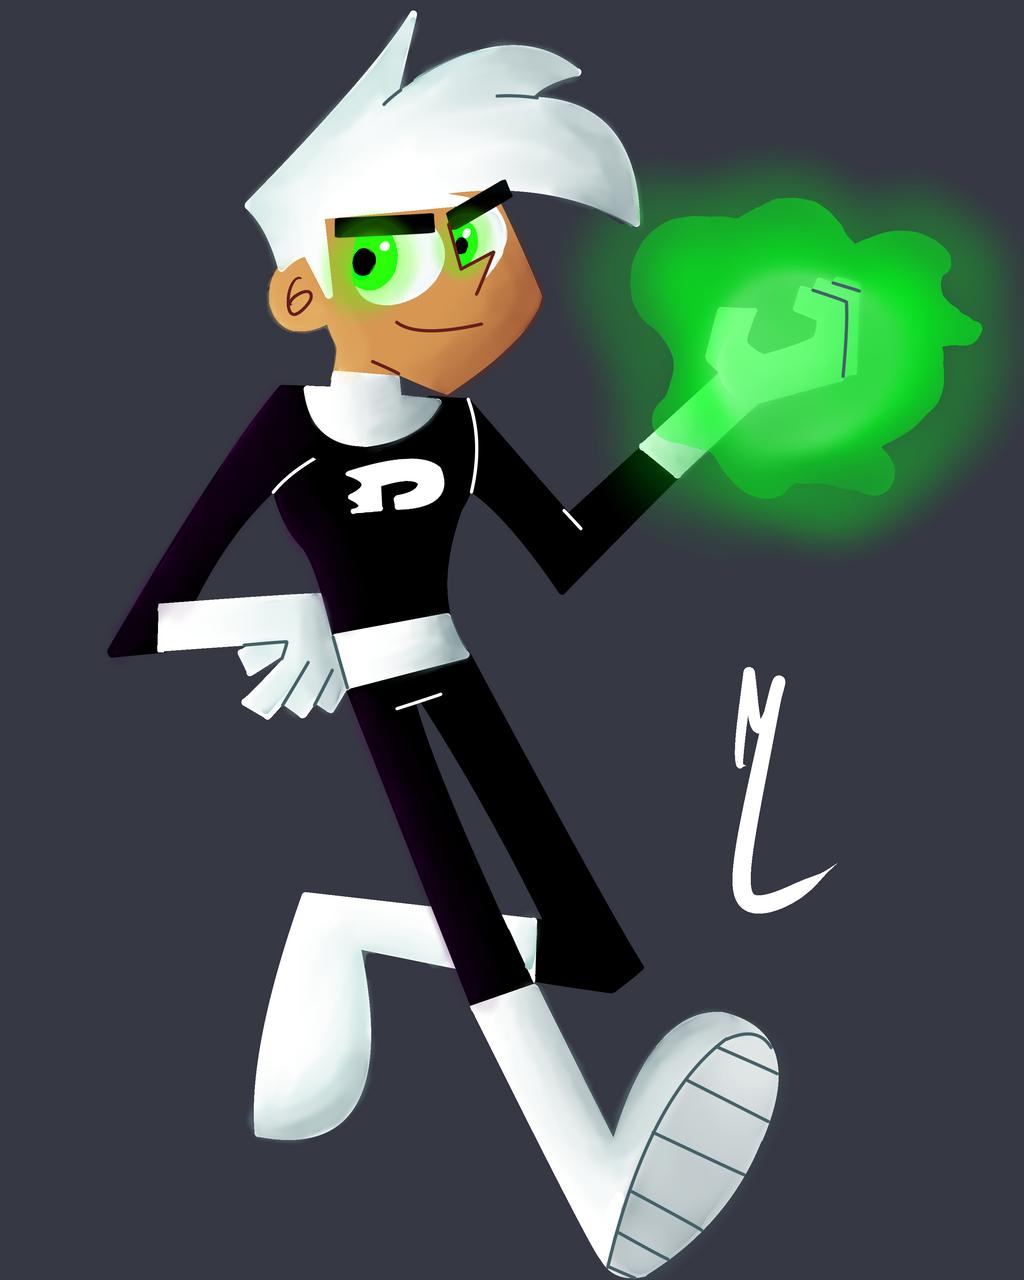 Danny Phantom The Ghost Boy! by Darkspike75